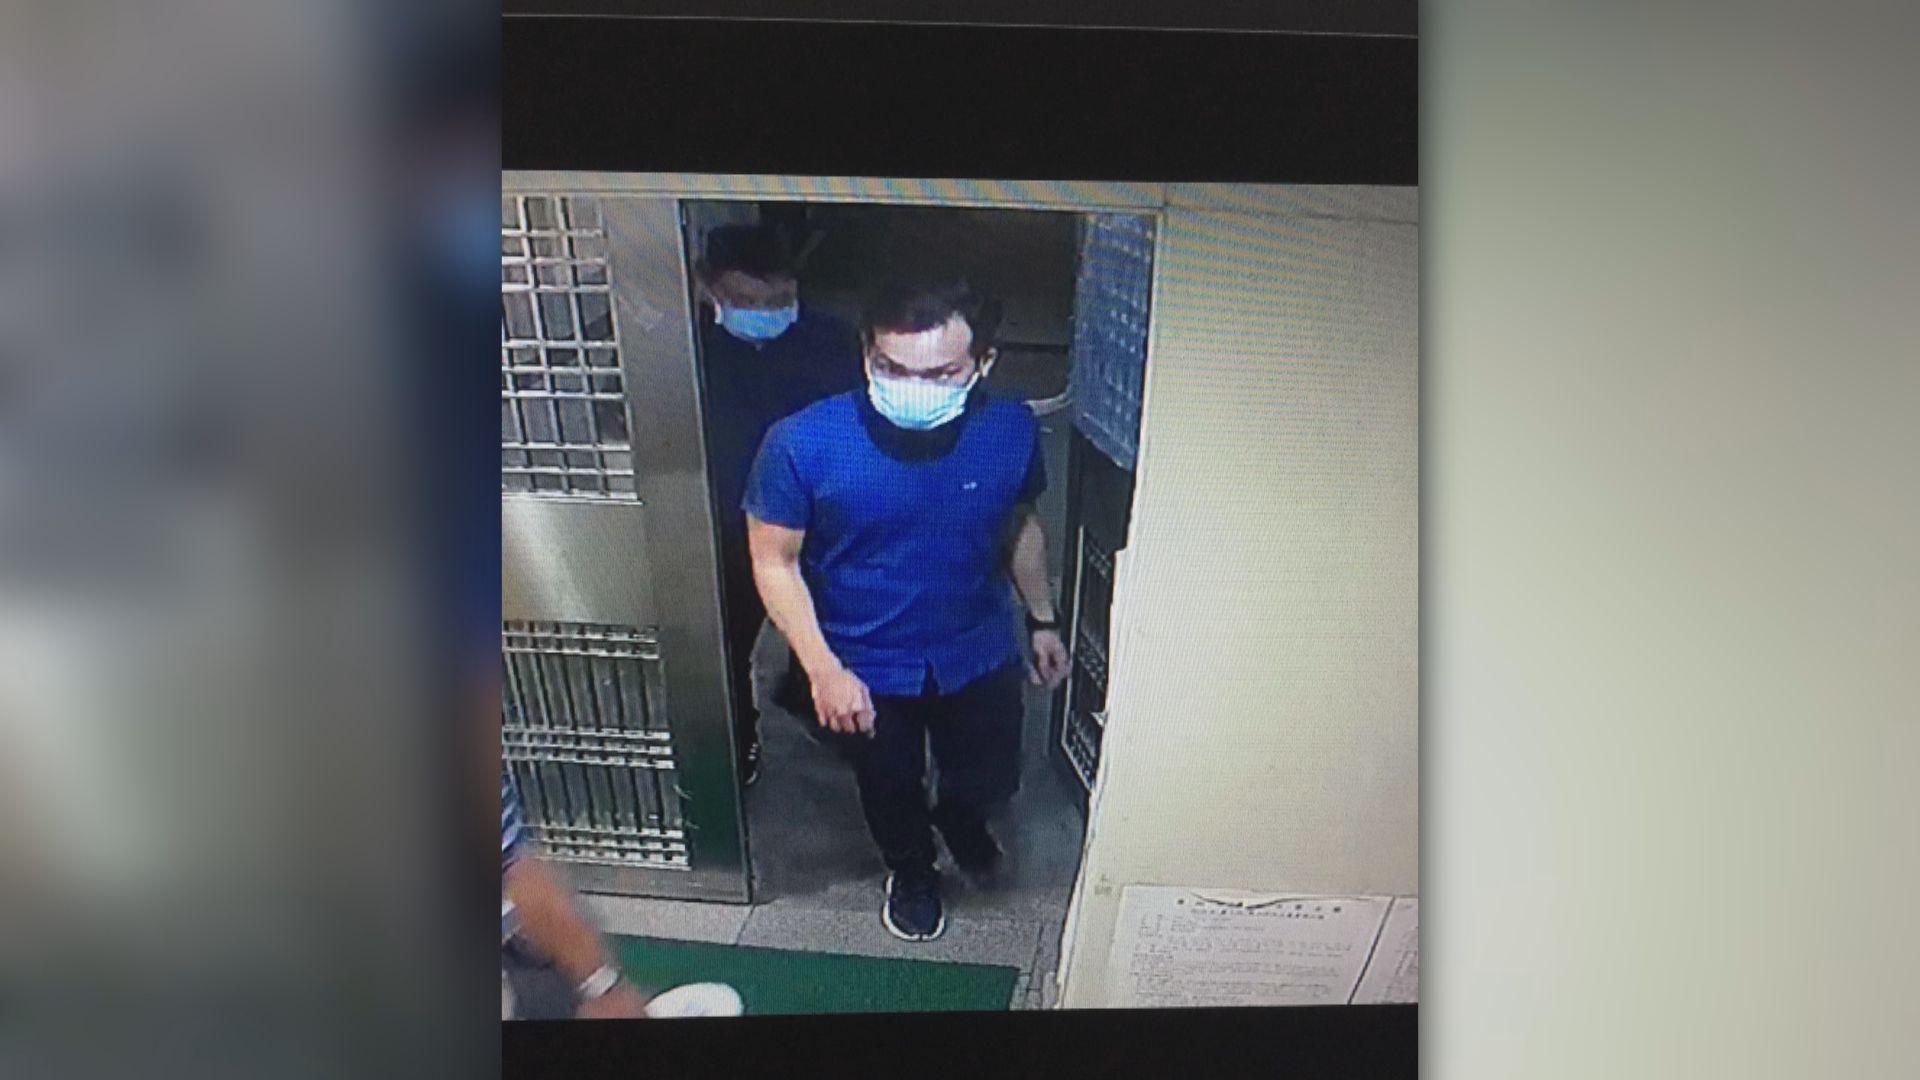 警方證實兩名警員曾到柴灣華裕閣調查